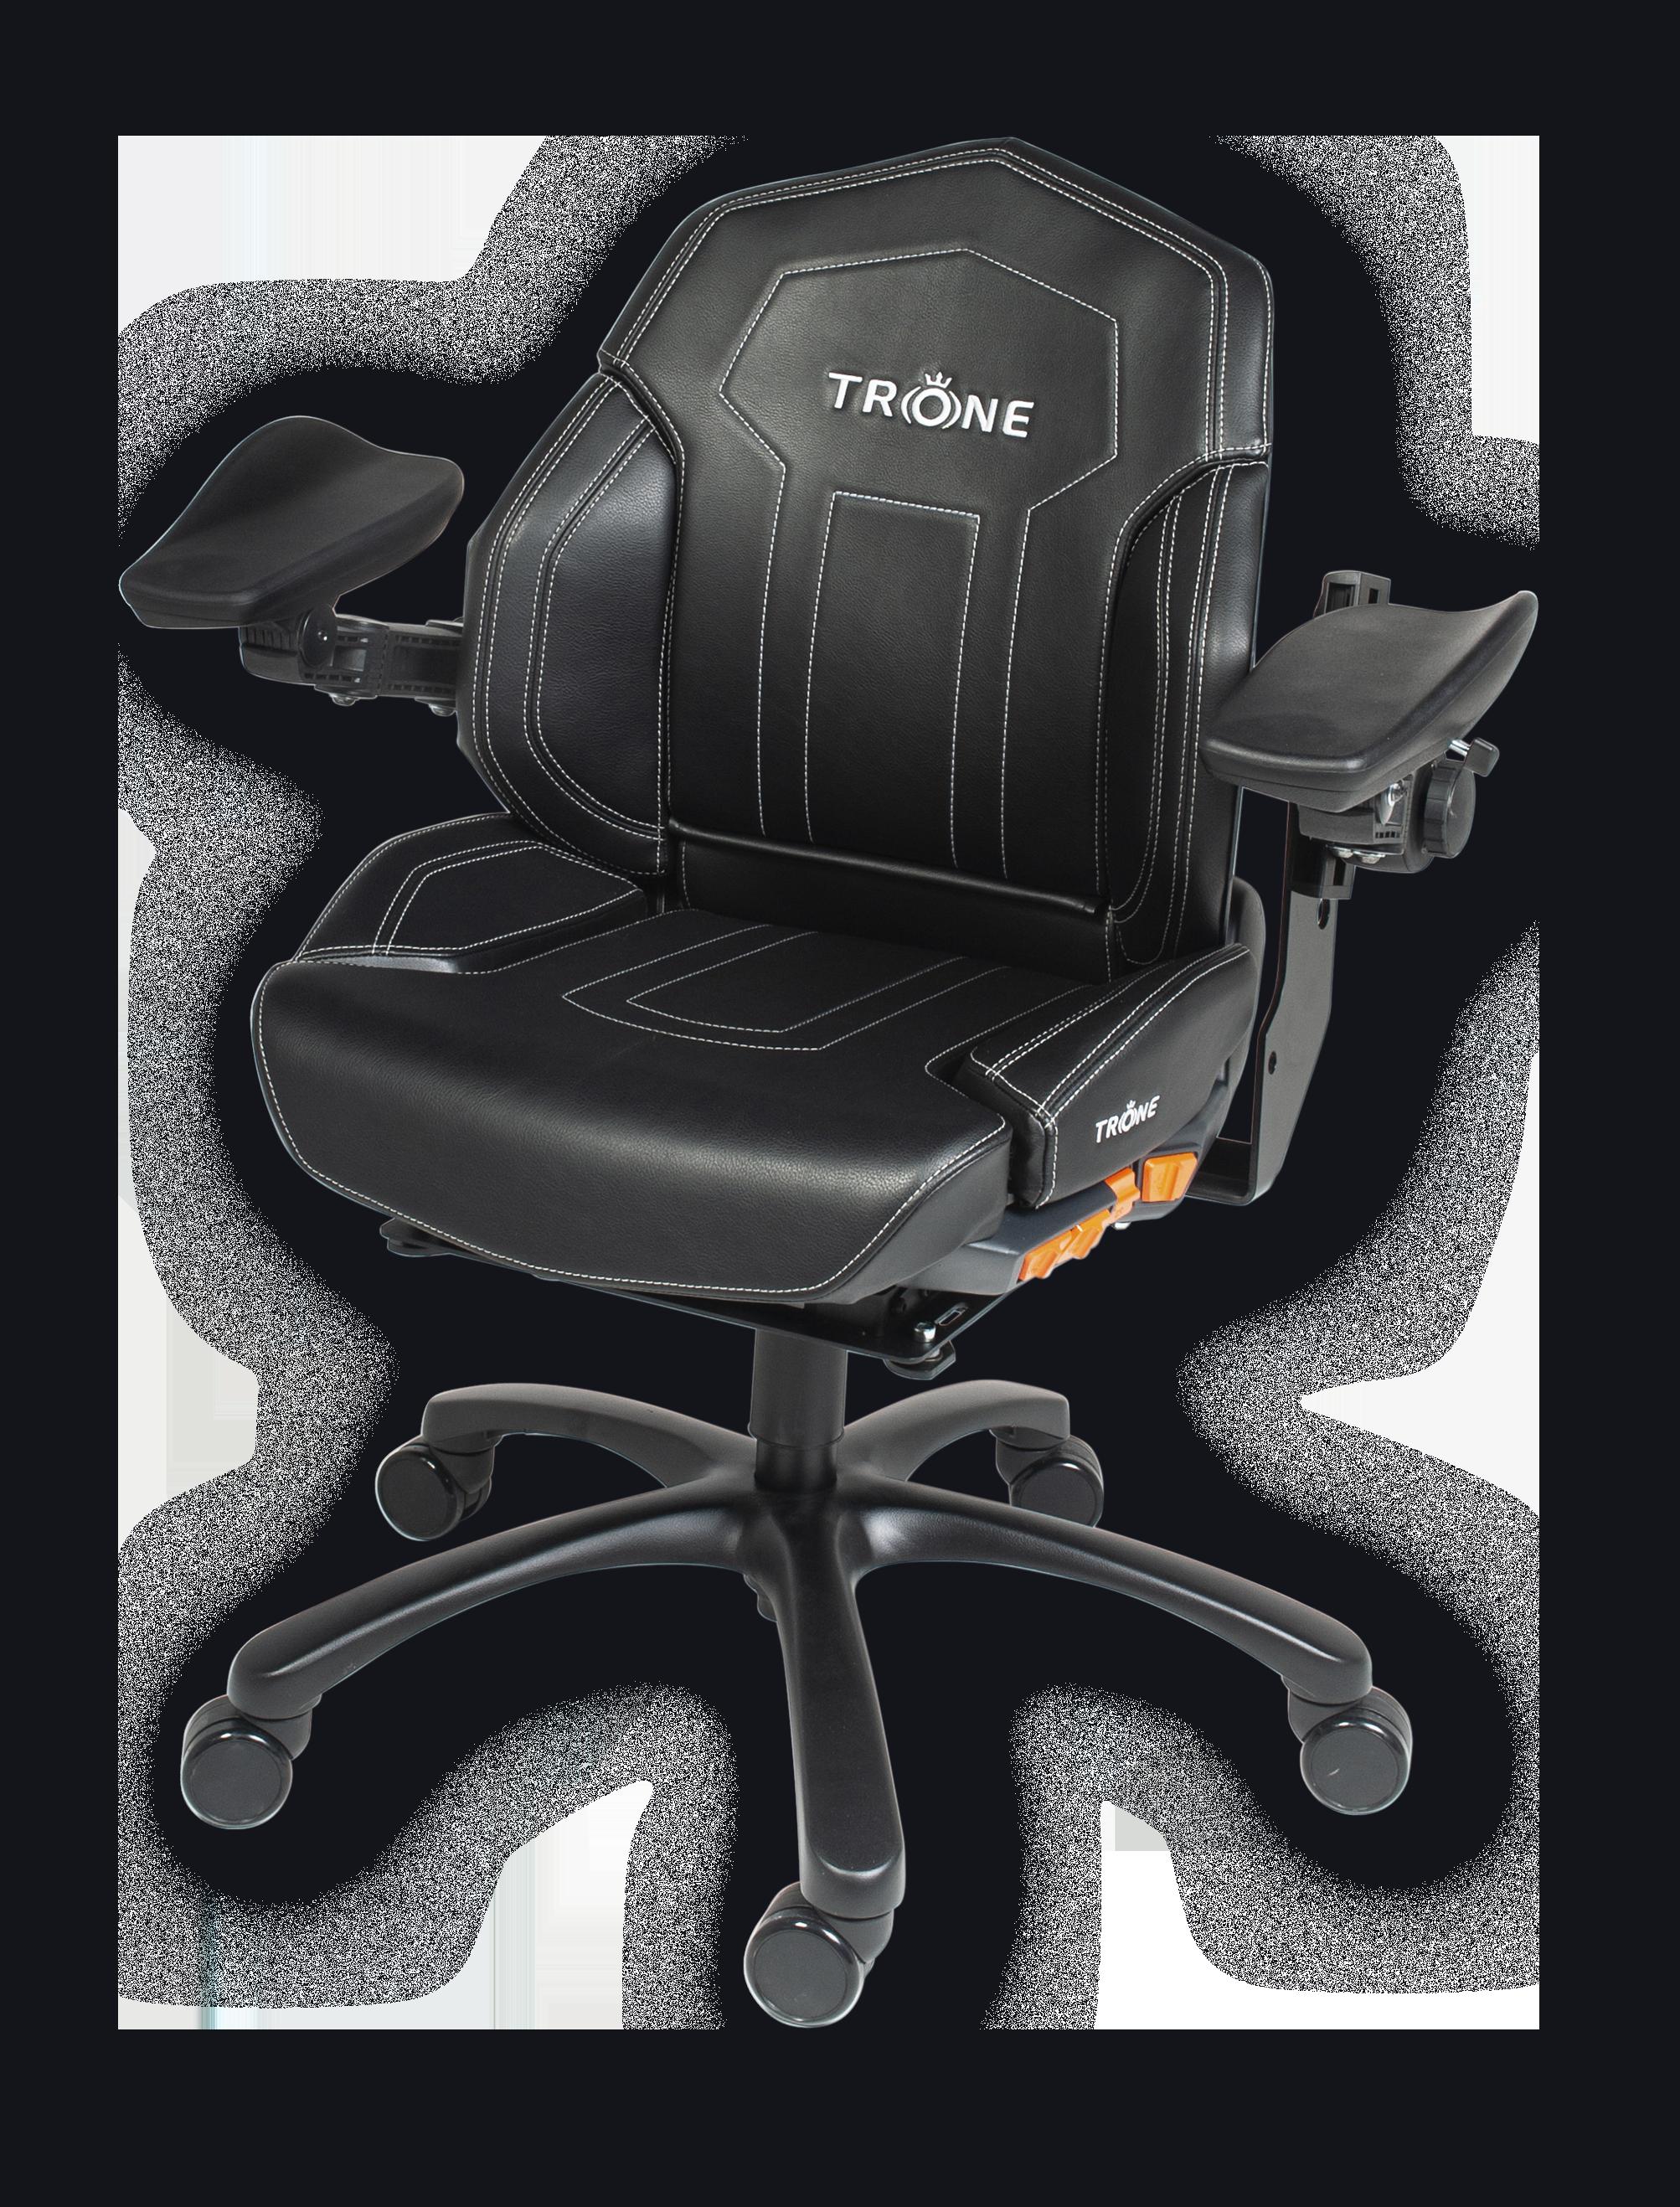 Trone-Low-Back-office